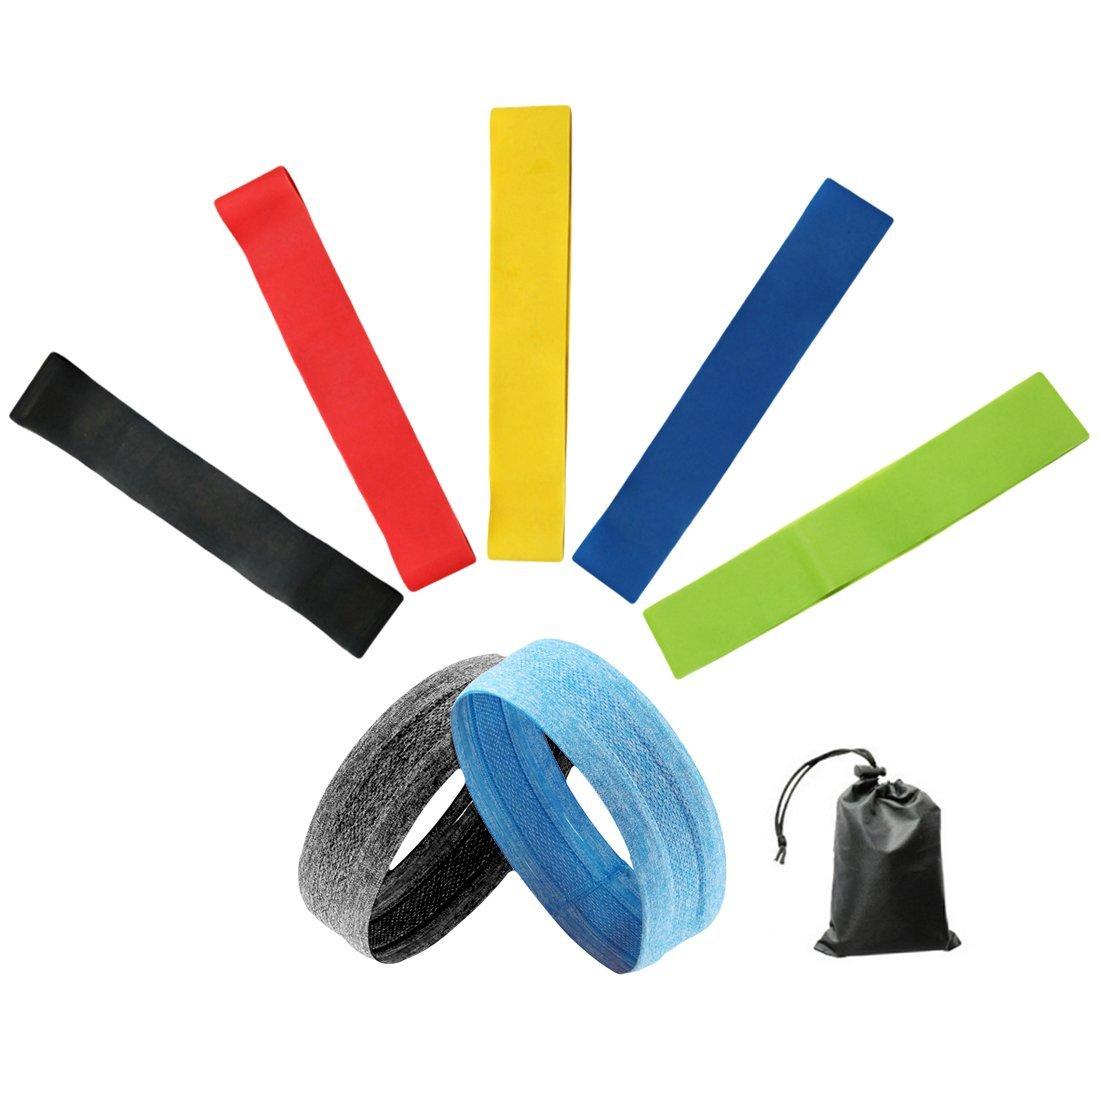 Idealcoldbrew レジスタンスループエクササイズバンド 冷却ヘッドバンド 取扱説明書 キャリーバッグ 5本セット ホームフィットネス ストレッチ 筋力トレーニング 理学療法 B07G2GWPH7